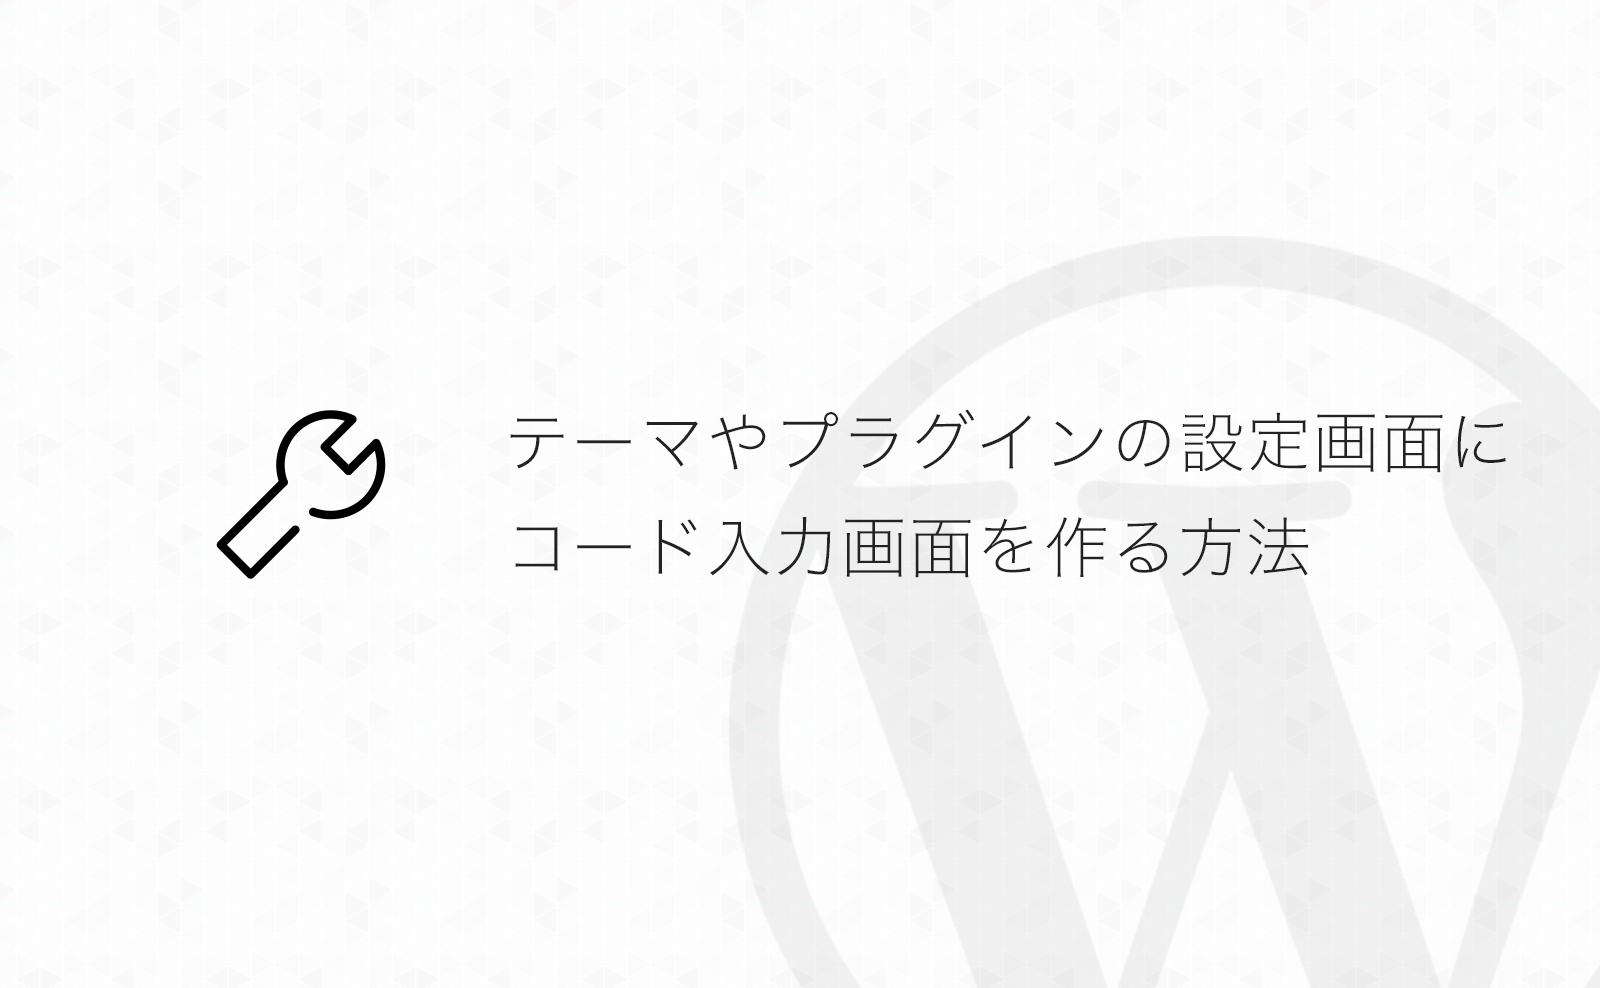 【WordPress】テーマやプラグインの設定画面でCodeMirrorを使ってコード入力画面を作る方法